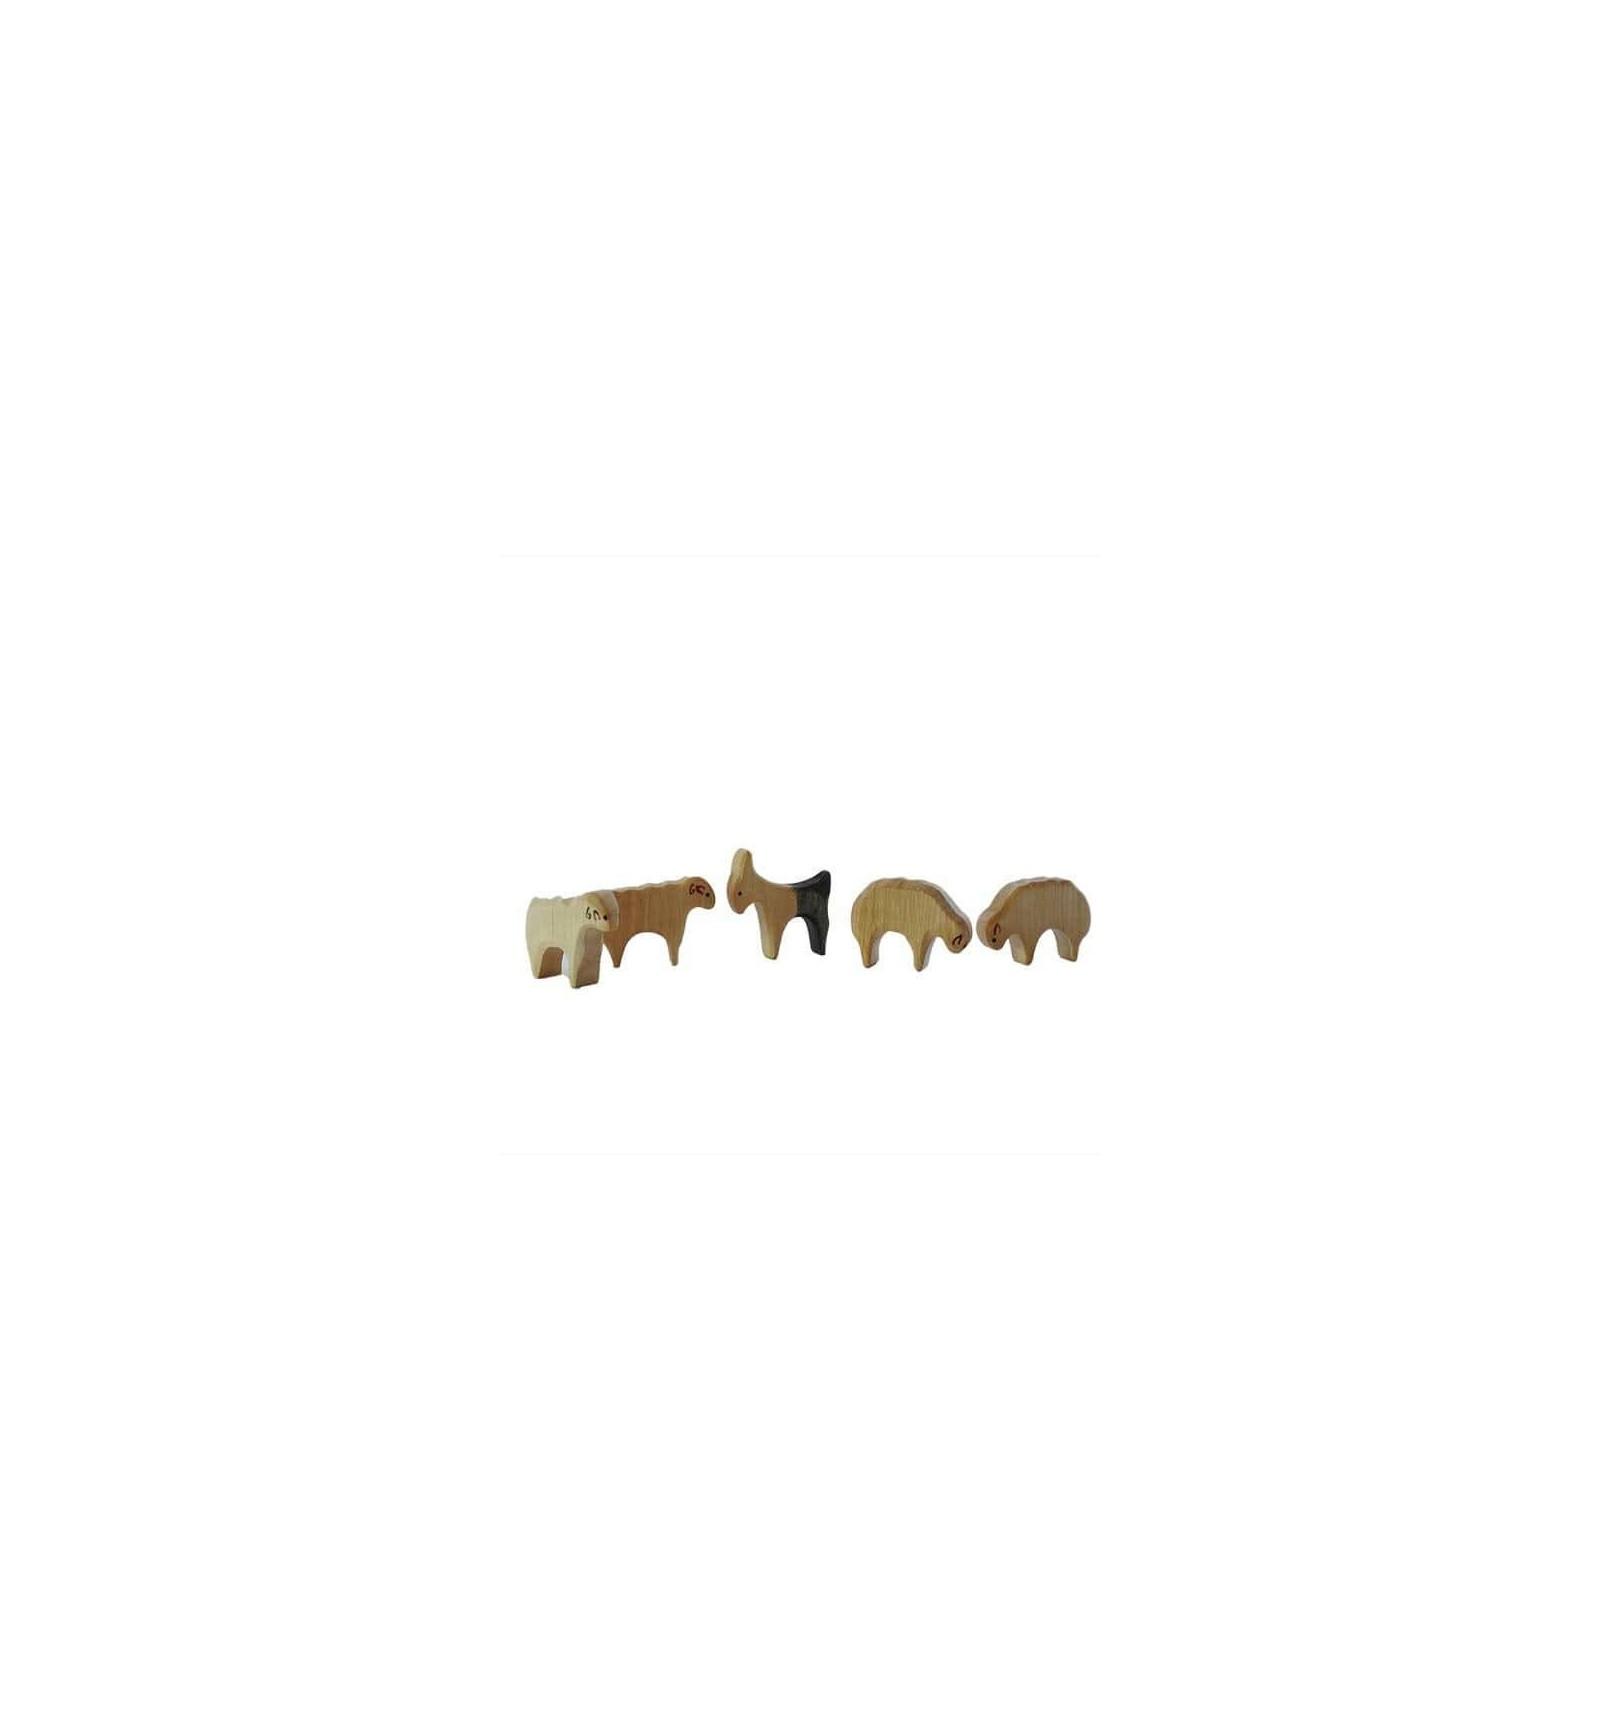 Holztiere 2 Pferde Bio Bauernhof Decor Spielzeug